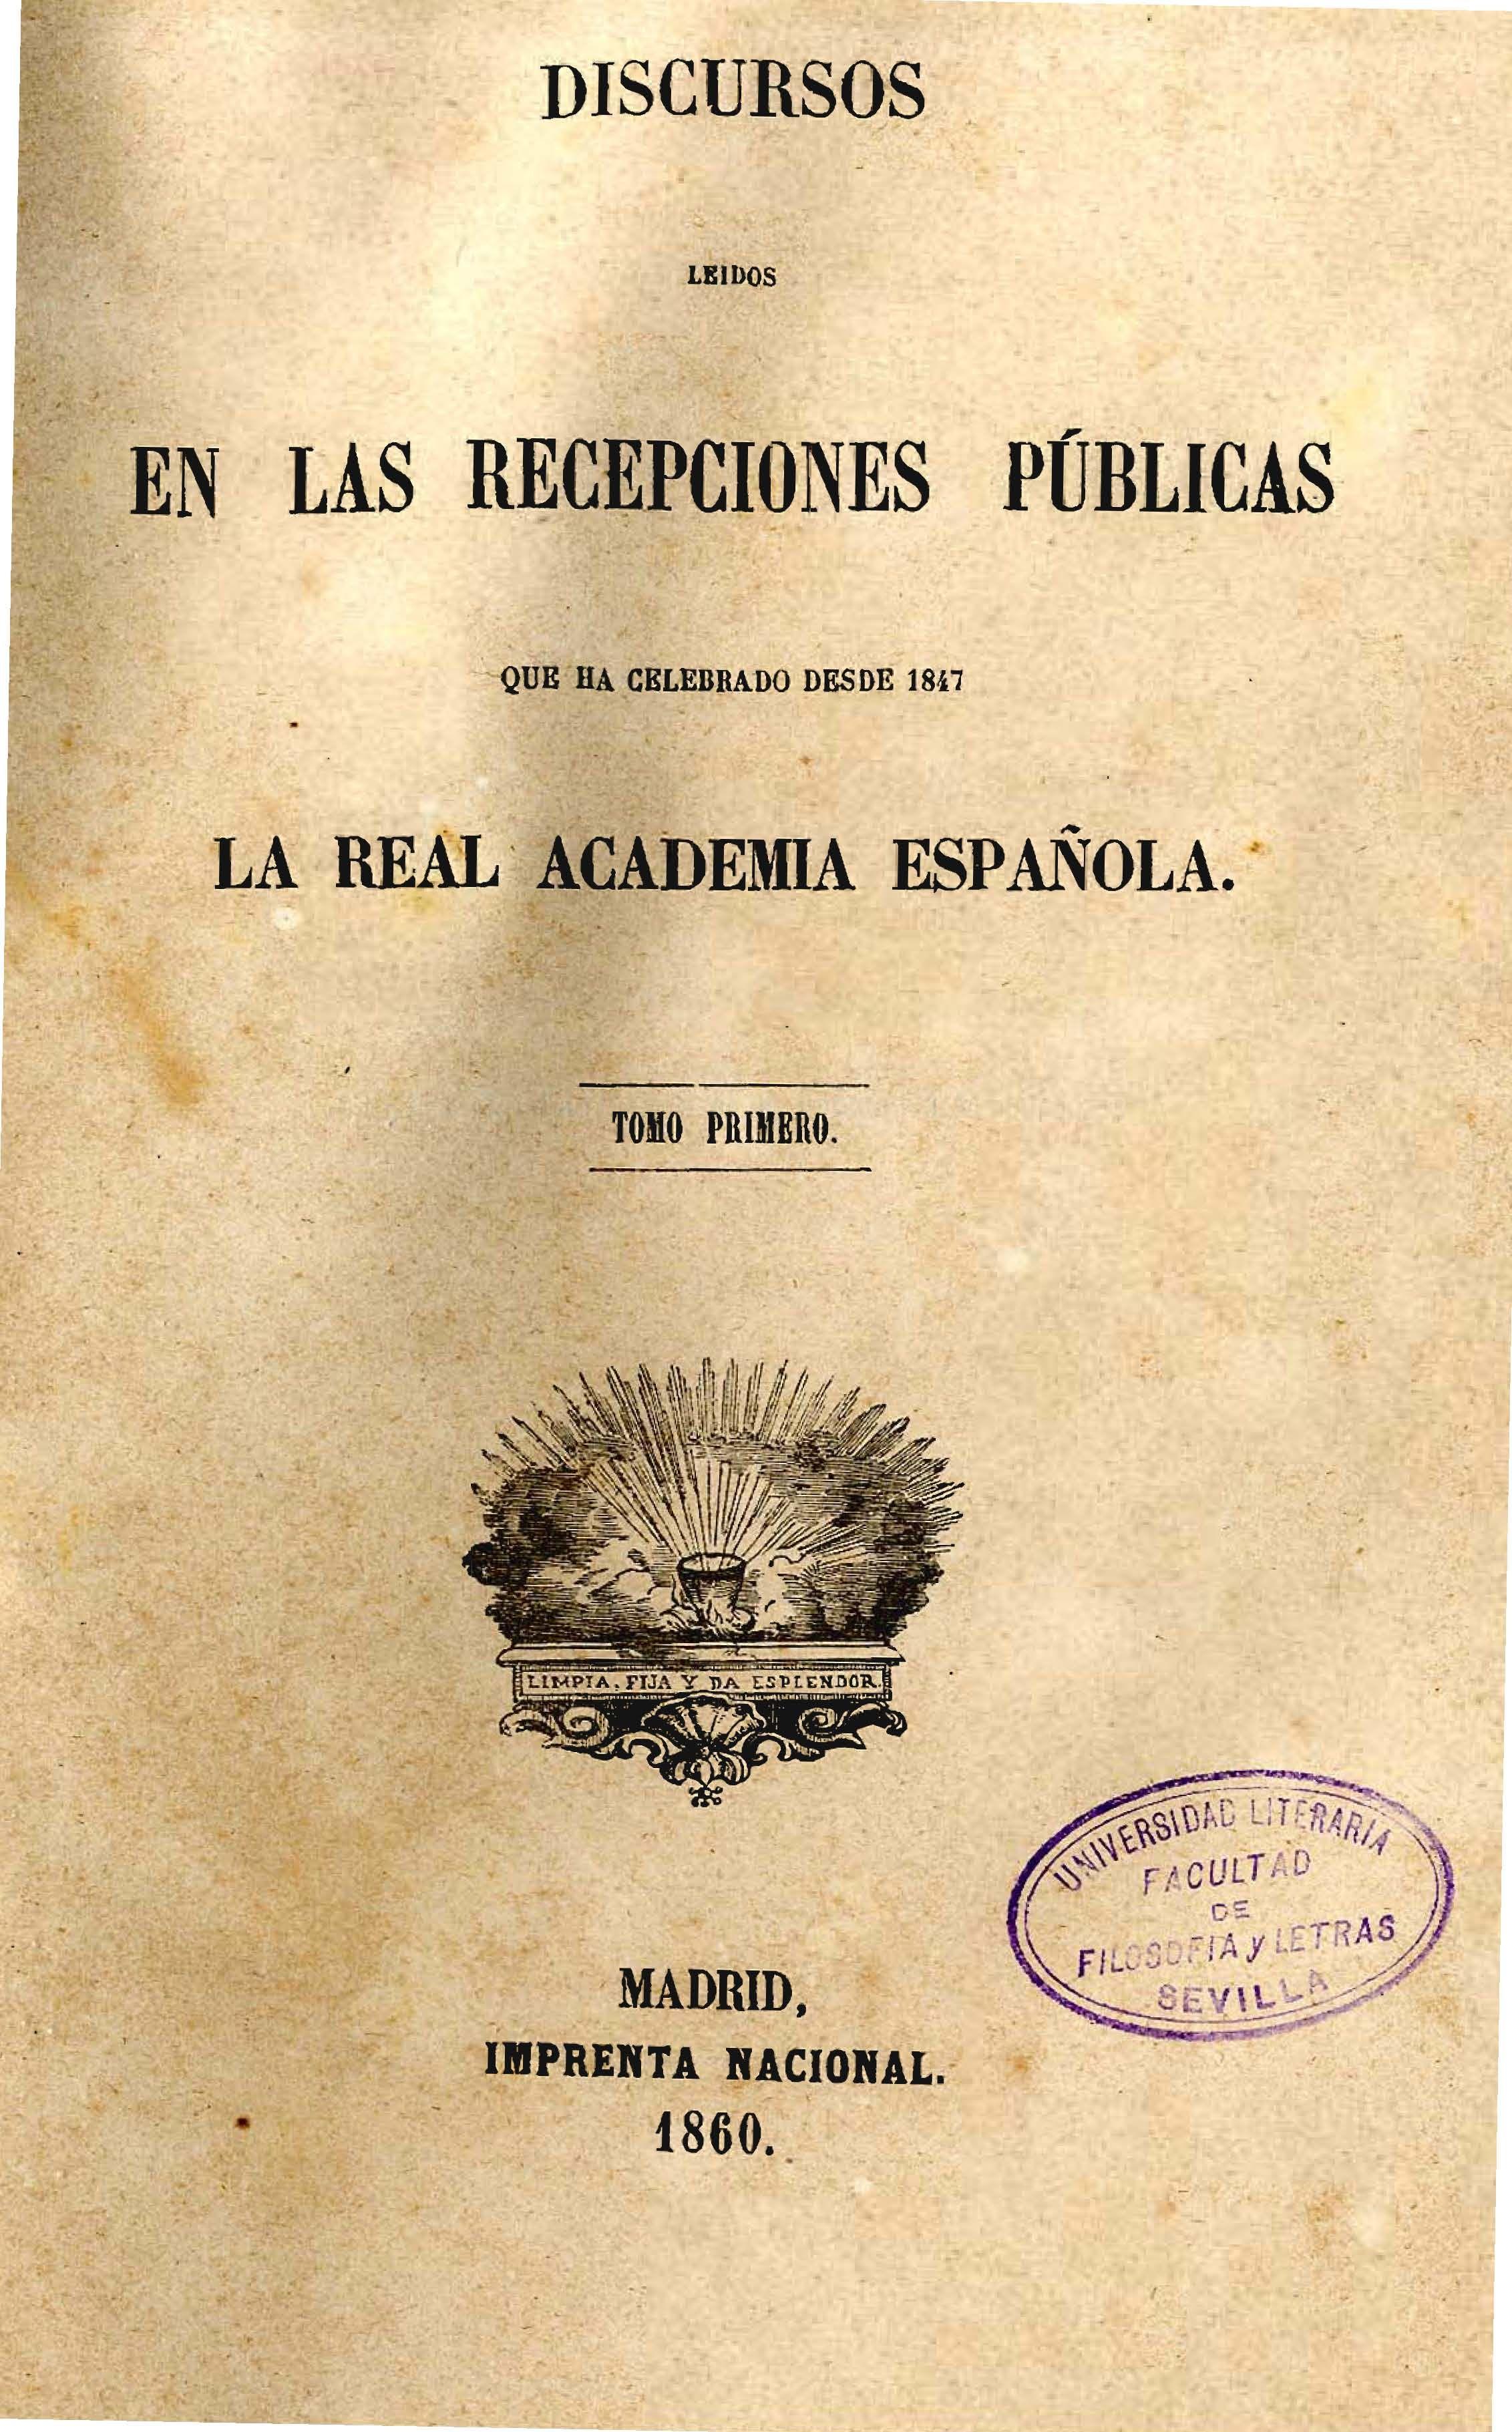 Discursos leídos en las recepciones públicas que ha celebrado desde 1847 la Real Academia Española